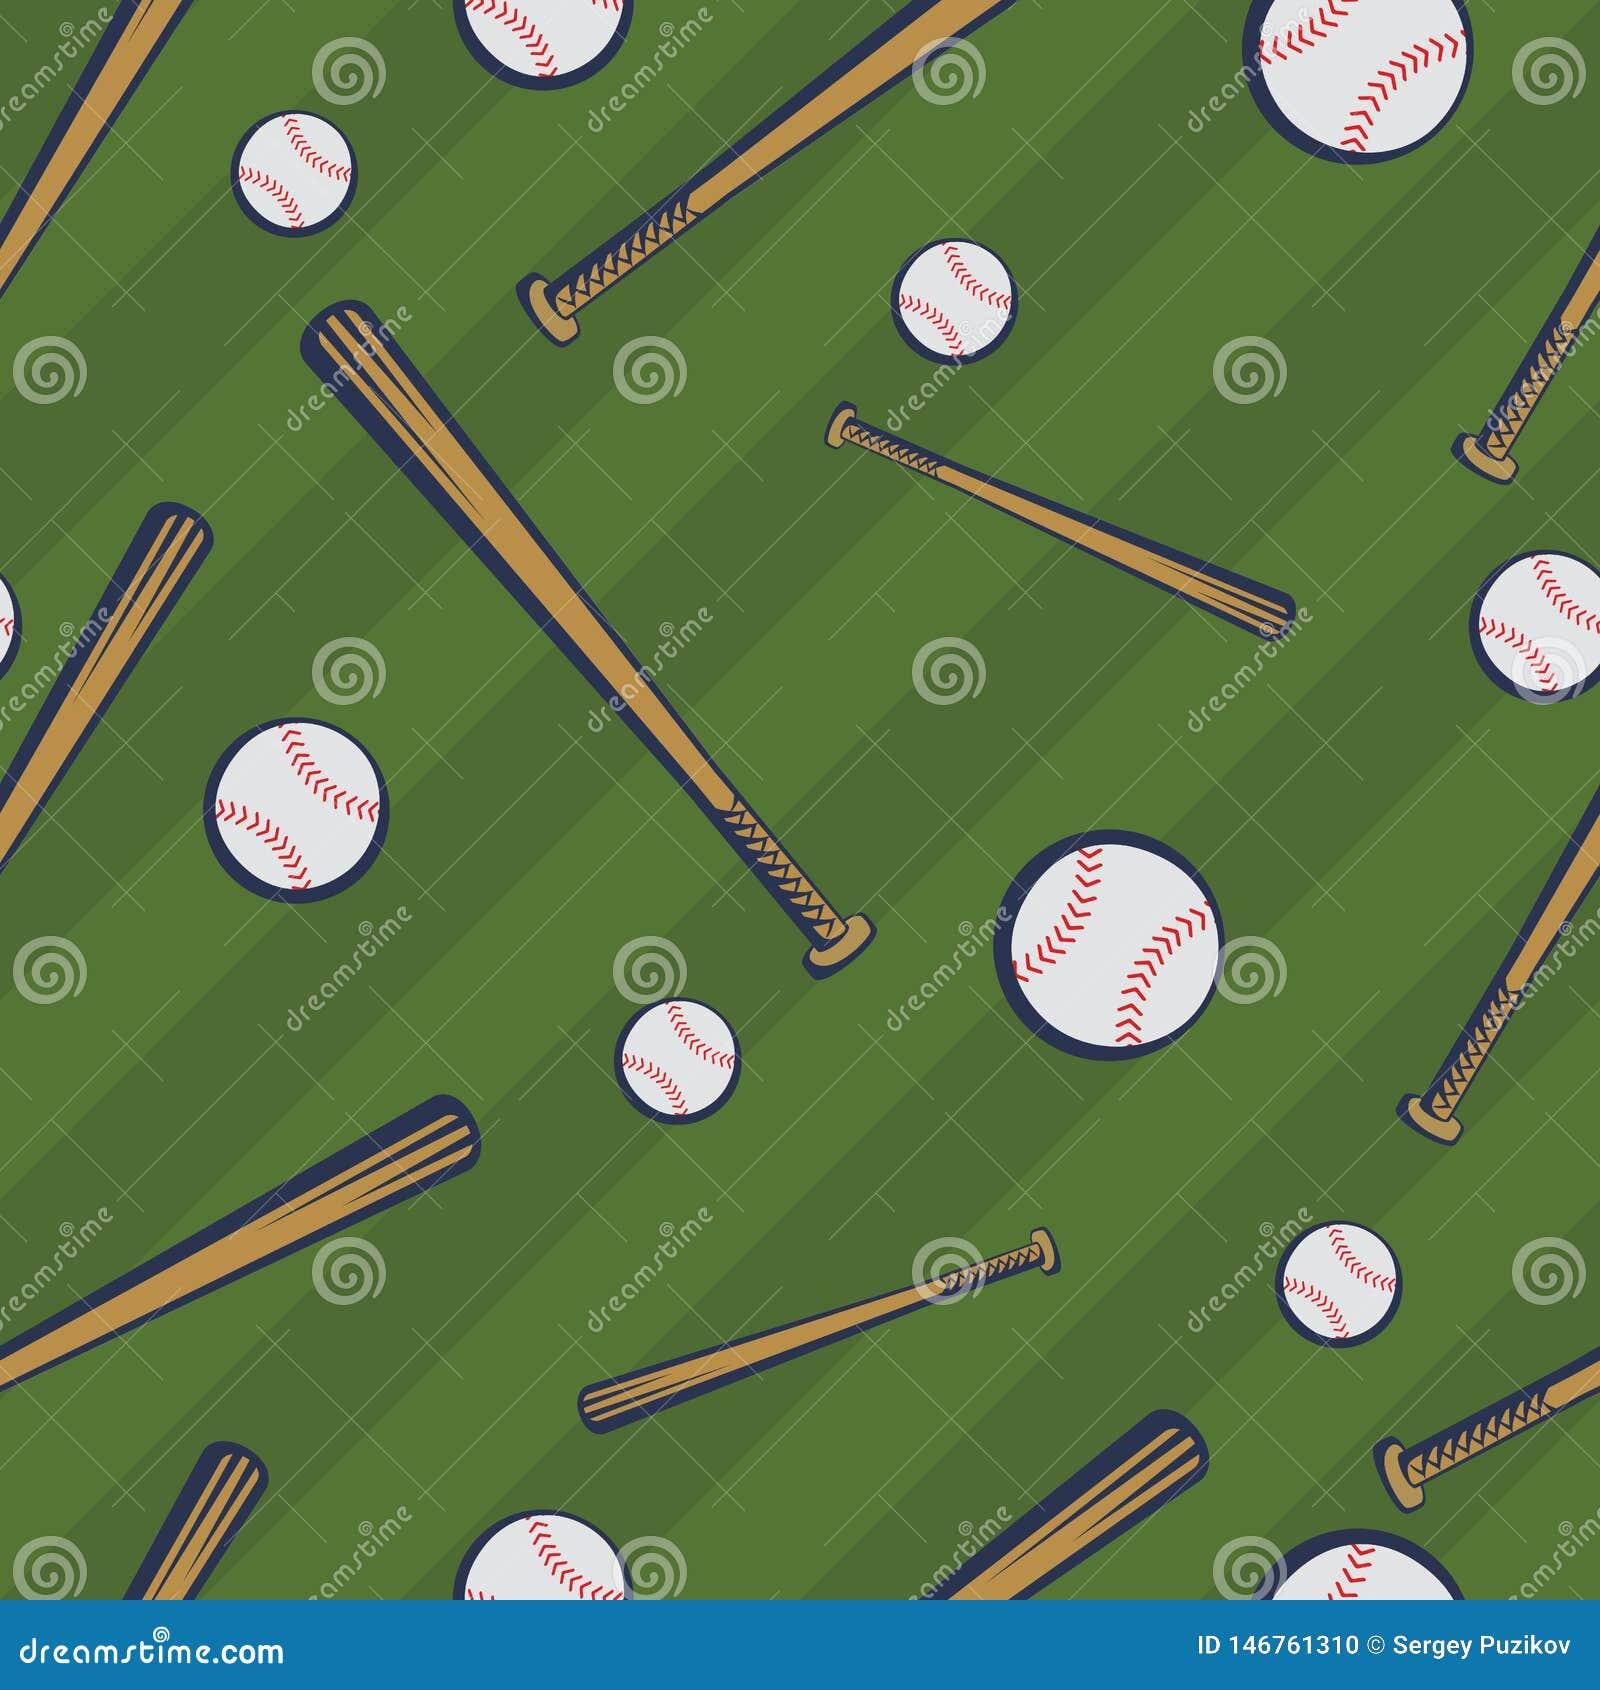 Άνευ ραφής σχέδιο μπέιζ-μπώλ χρώματος με τα ρόπαλα του μπέιζμπολ και τις σφαίρες μπέιζ-μπώλ στο πράσινο υπόβαθρο τομέων